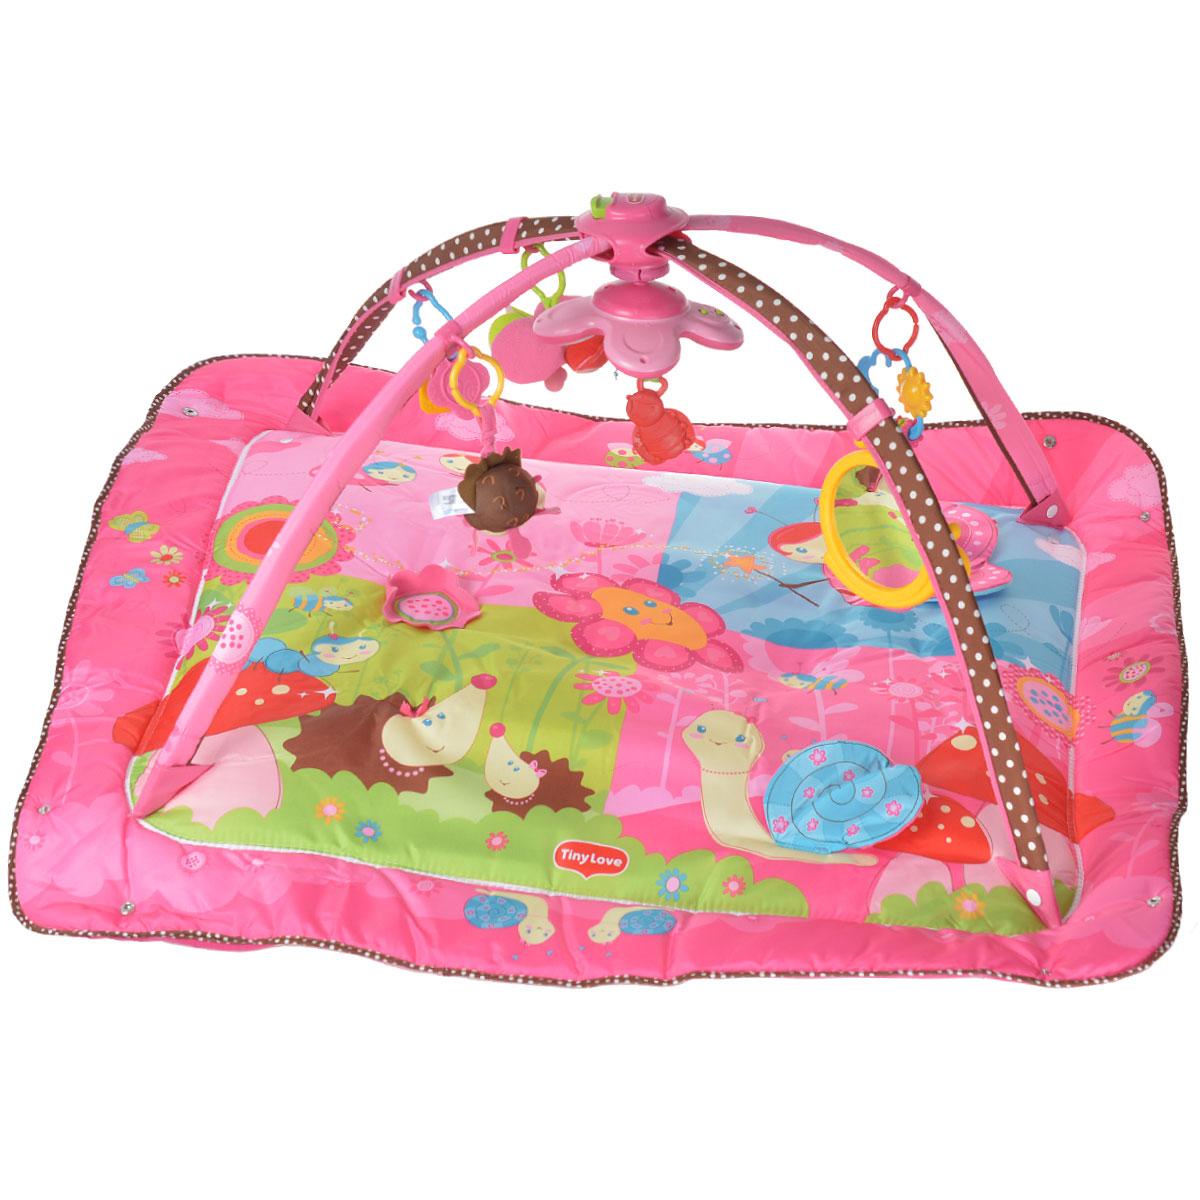 Развивающий коврик Моя принцесса, 5 в 1, цвет: розовый развивающий коврик моя принцесса 5 в 1 цвет розовый